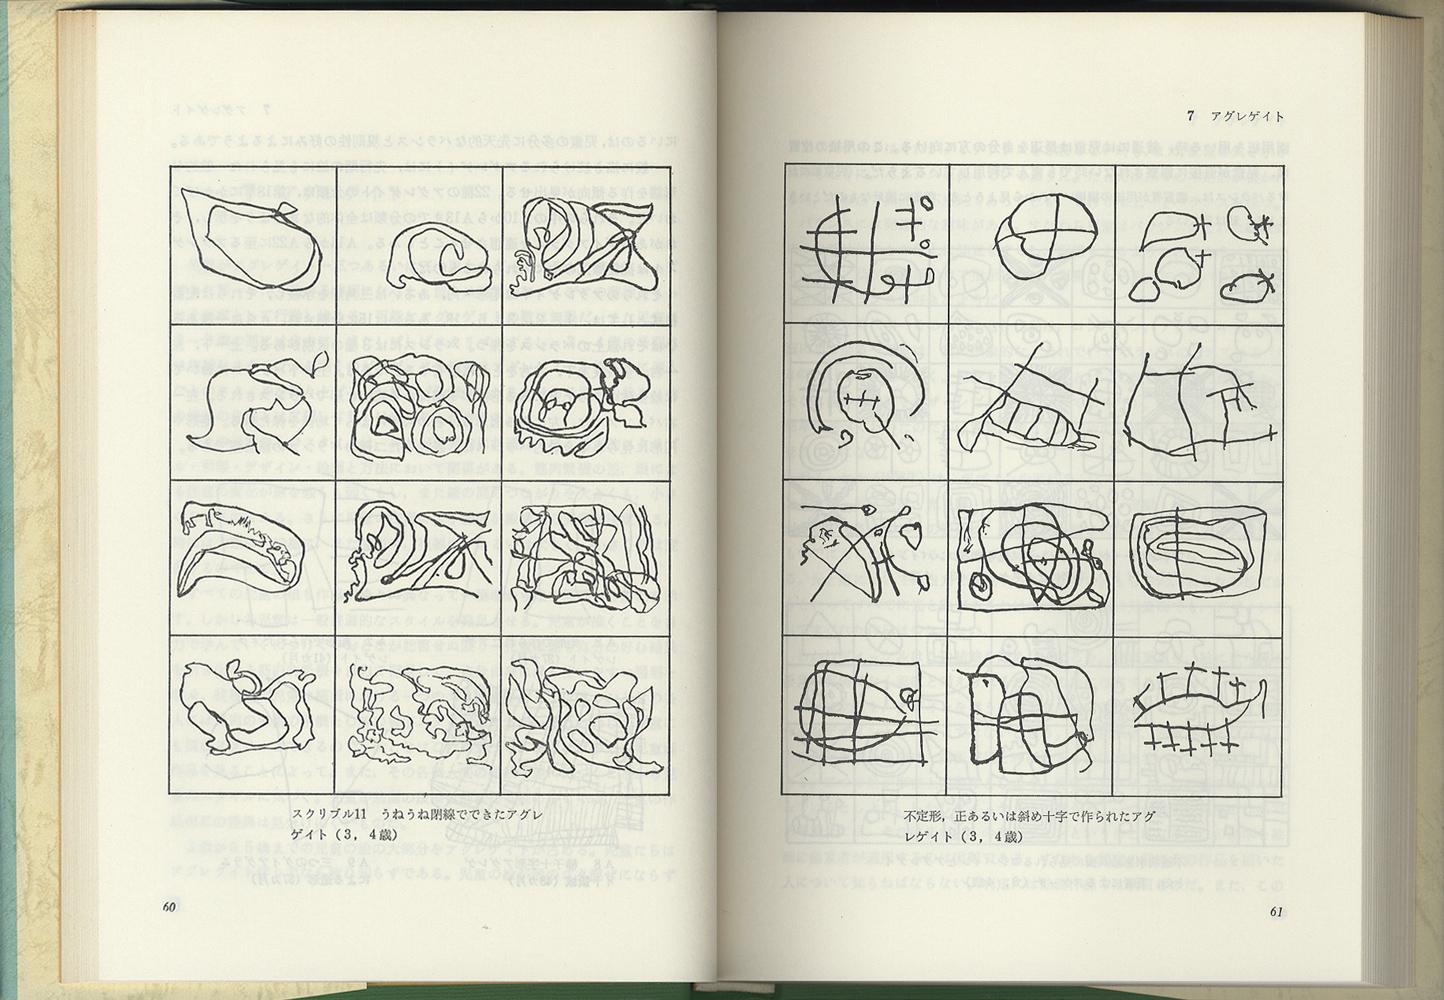 児童画の発達過程 なぐり書きからピクチュアへ[image4]